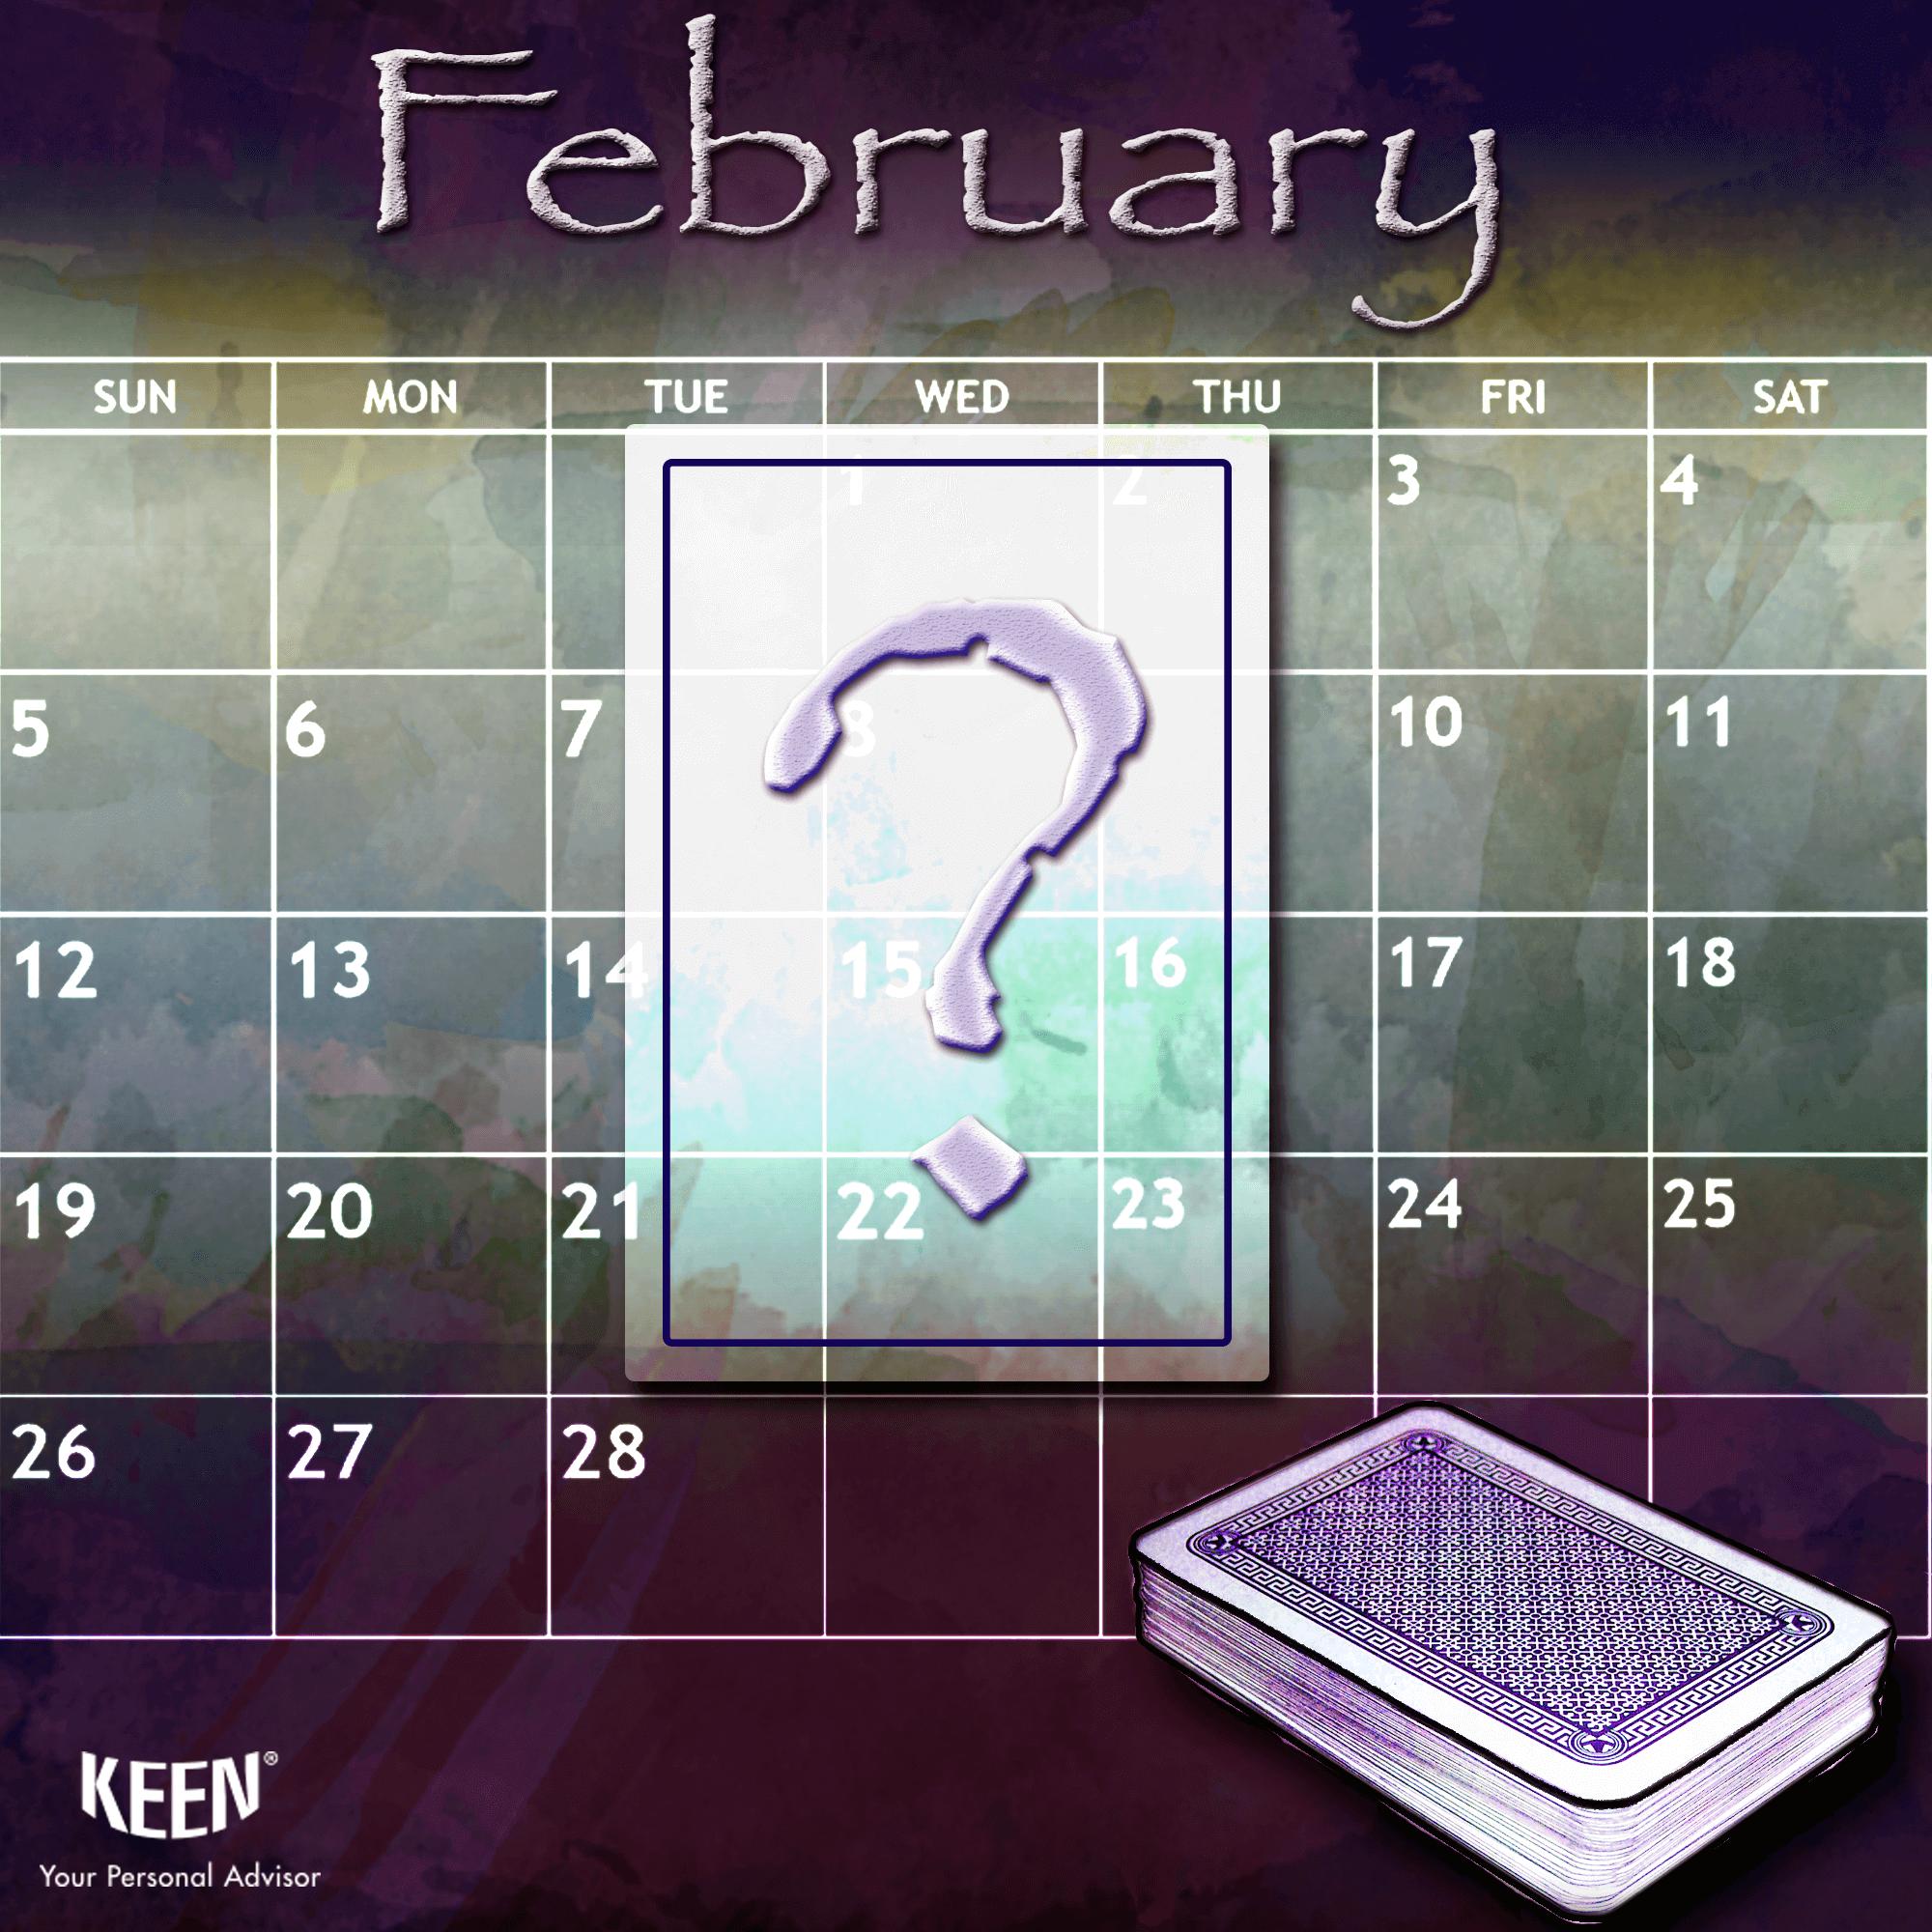 February Forecast Image